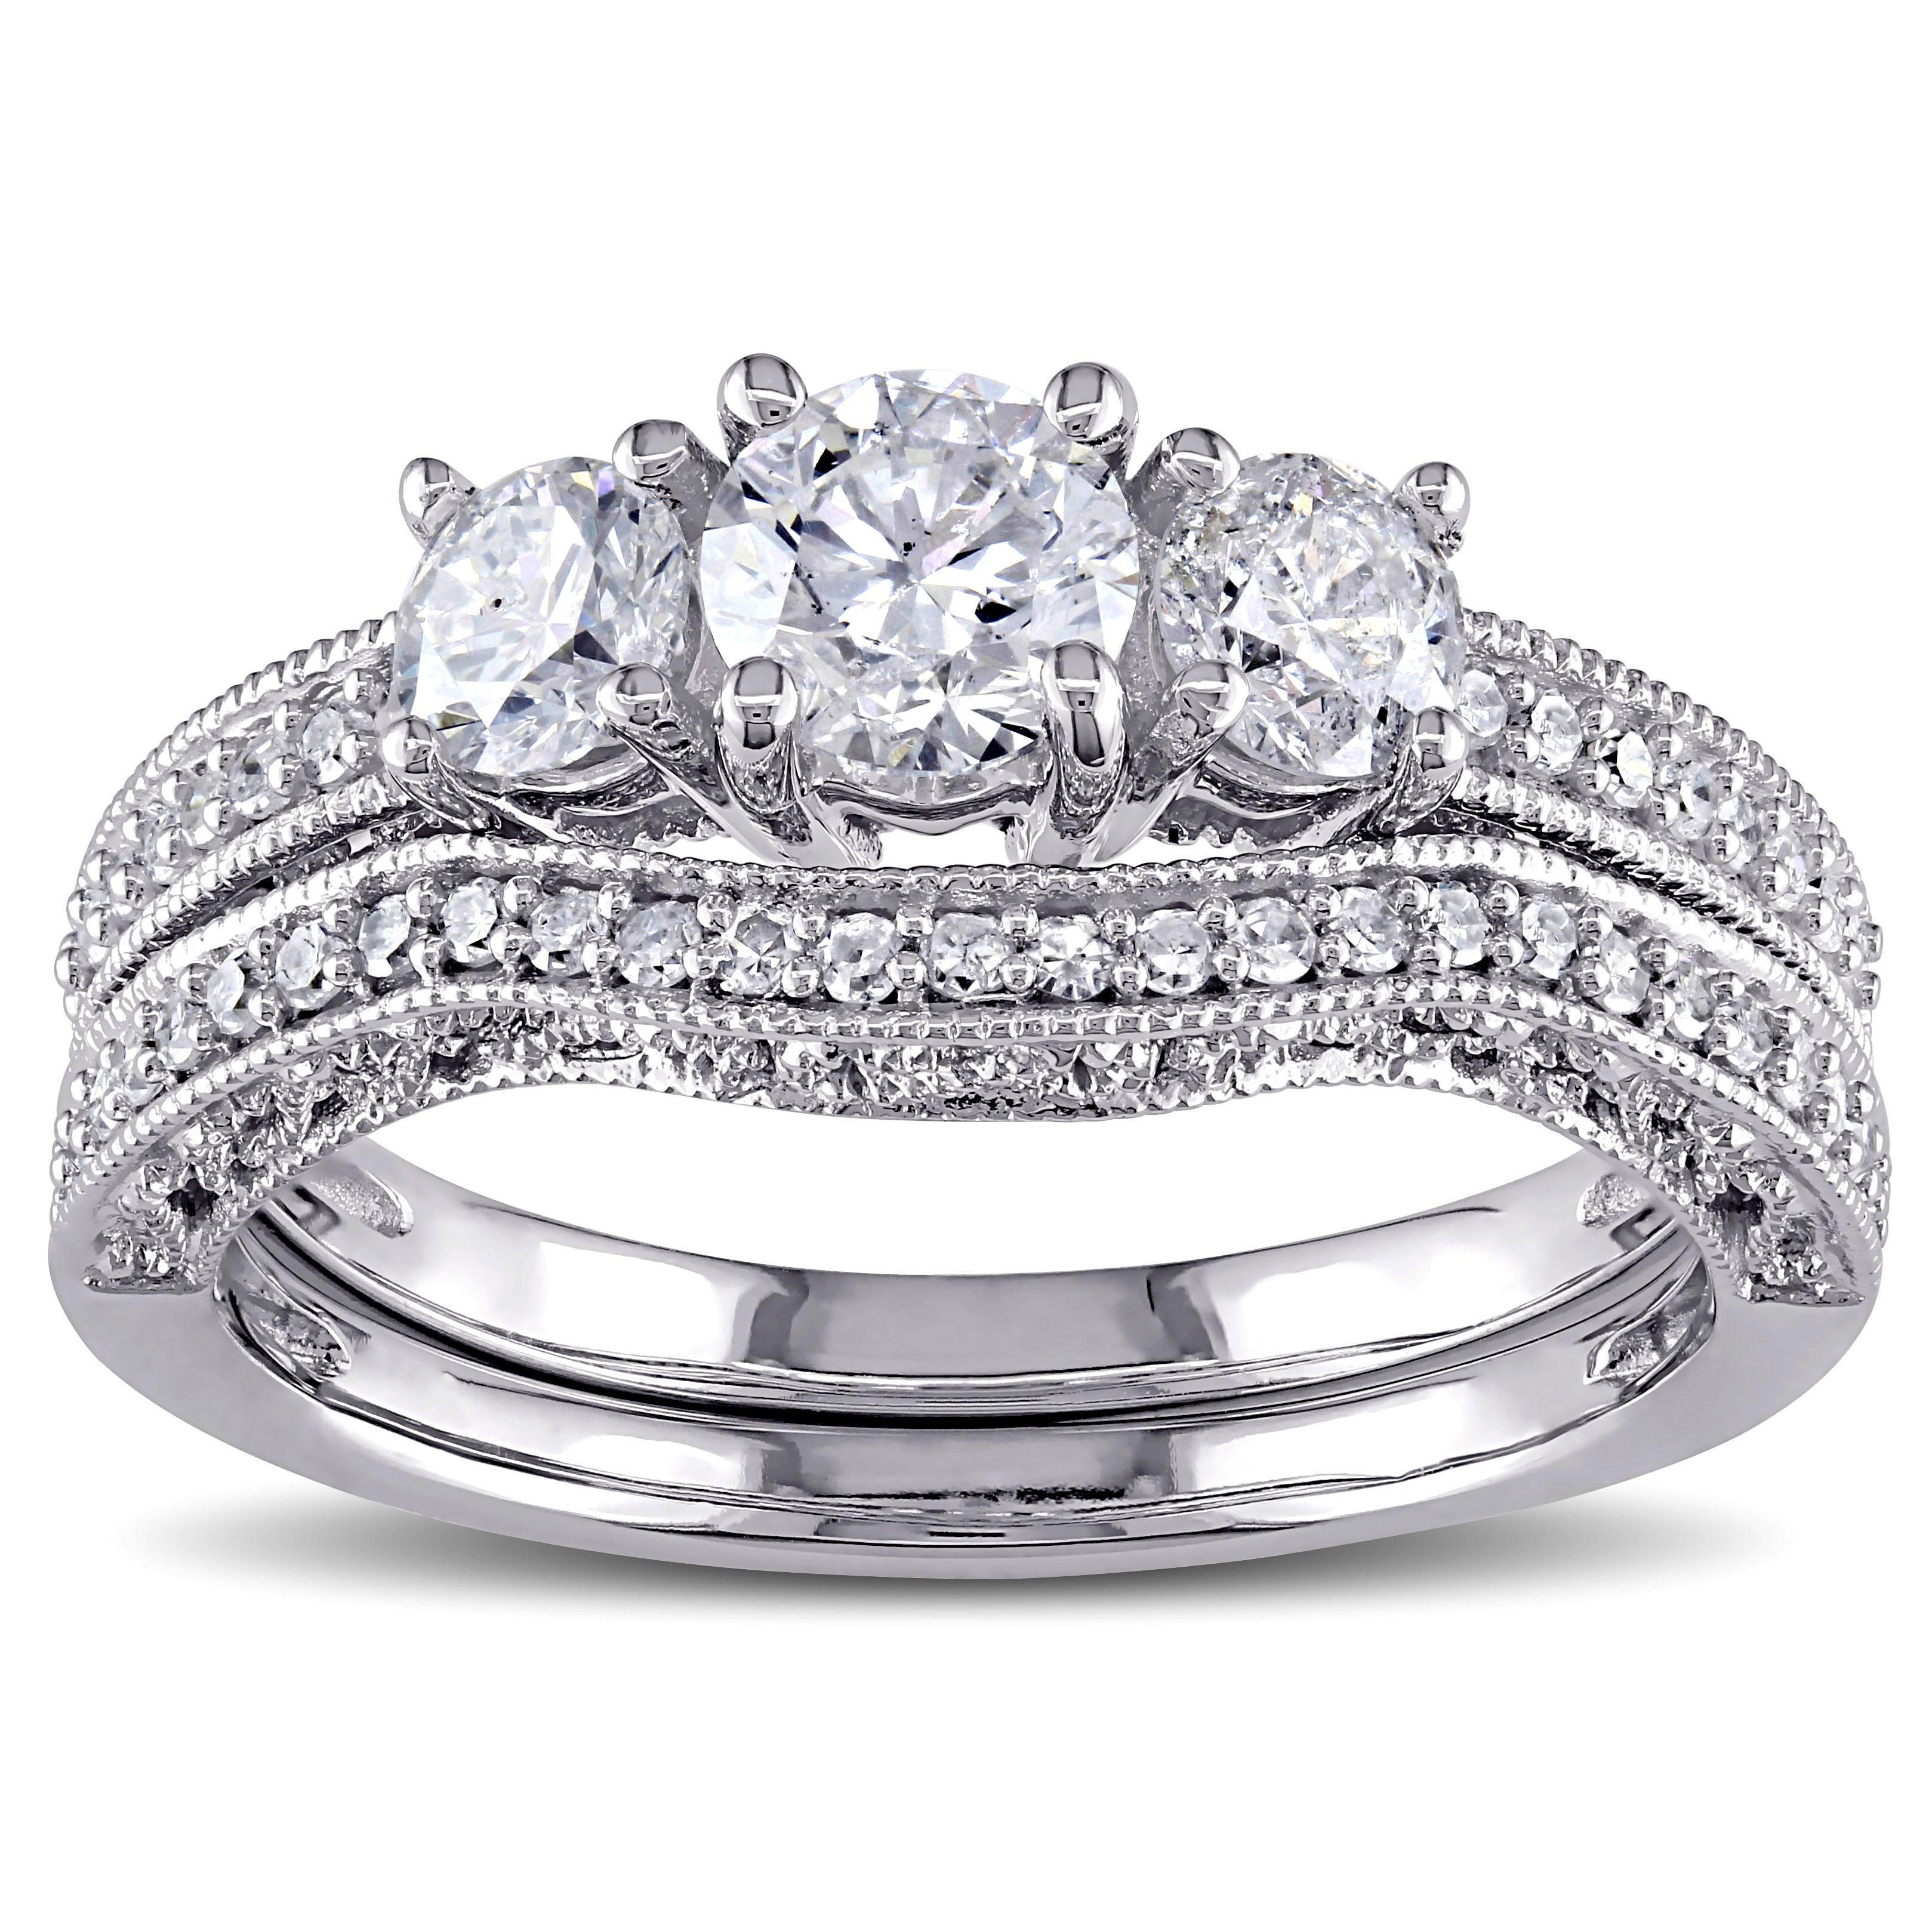 Miadora signature collection 14k white gold 1ct tdw diamond double row - Miadora Signature Collection 14k White Gold 1 1 8ct Tdw Diamond Bridal Ring Set